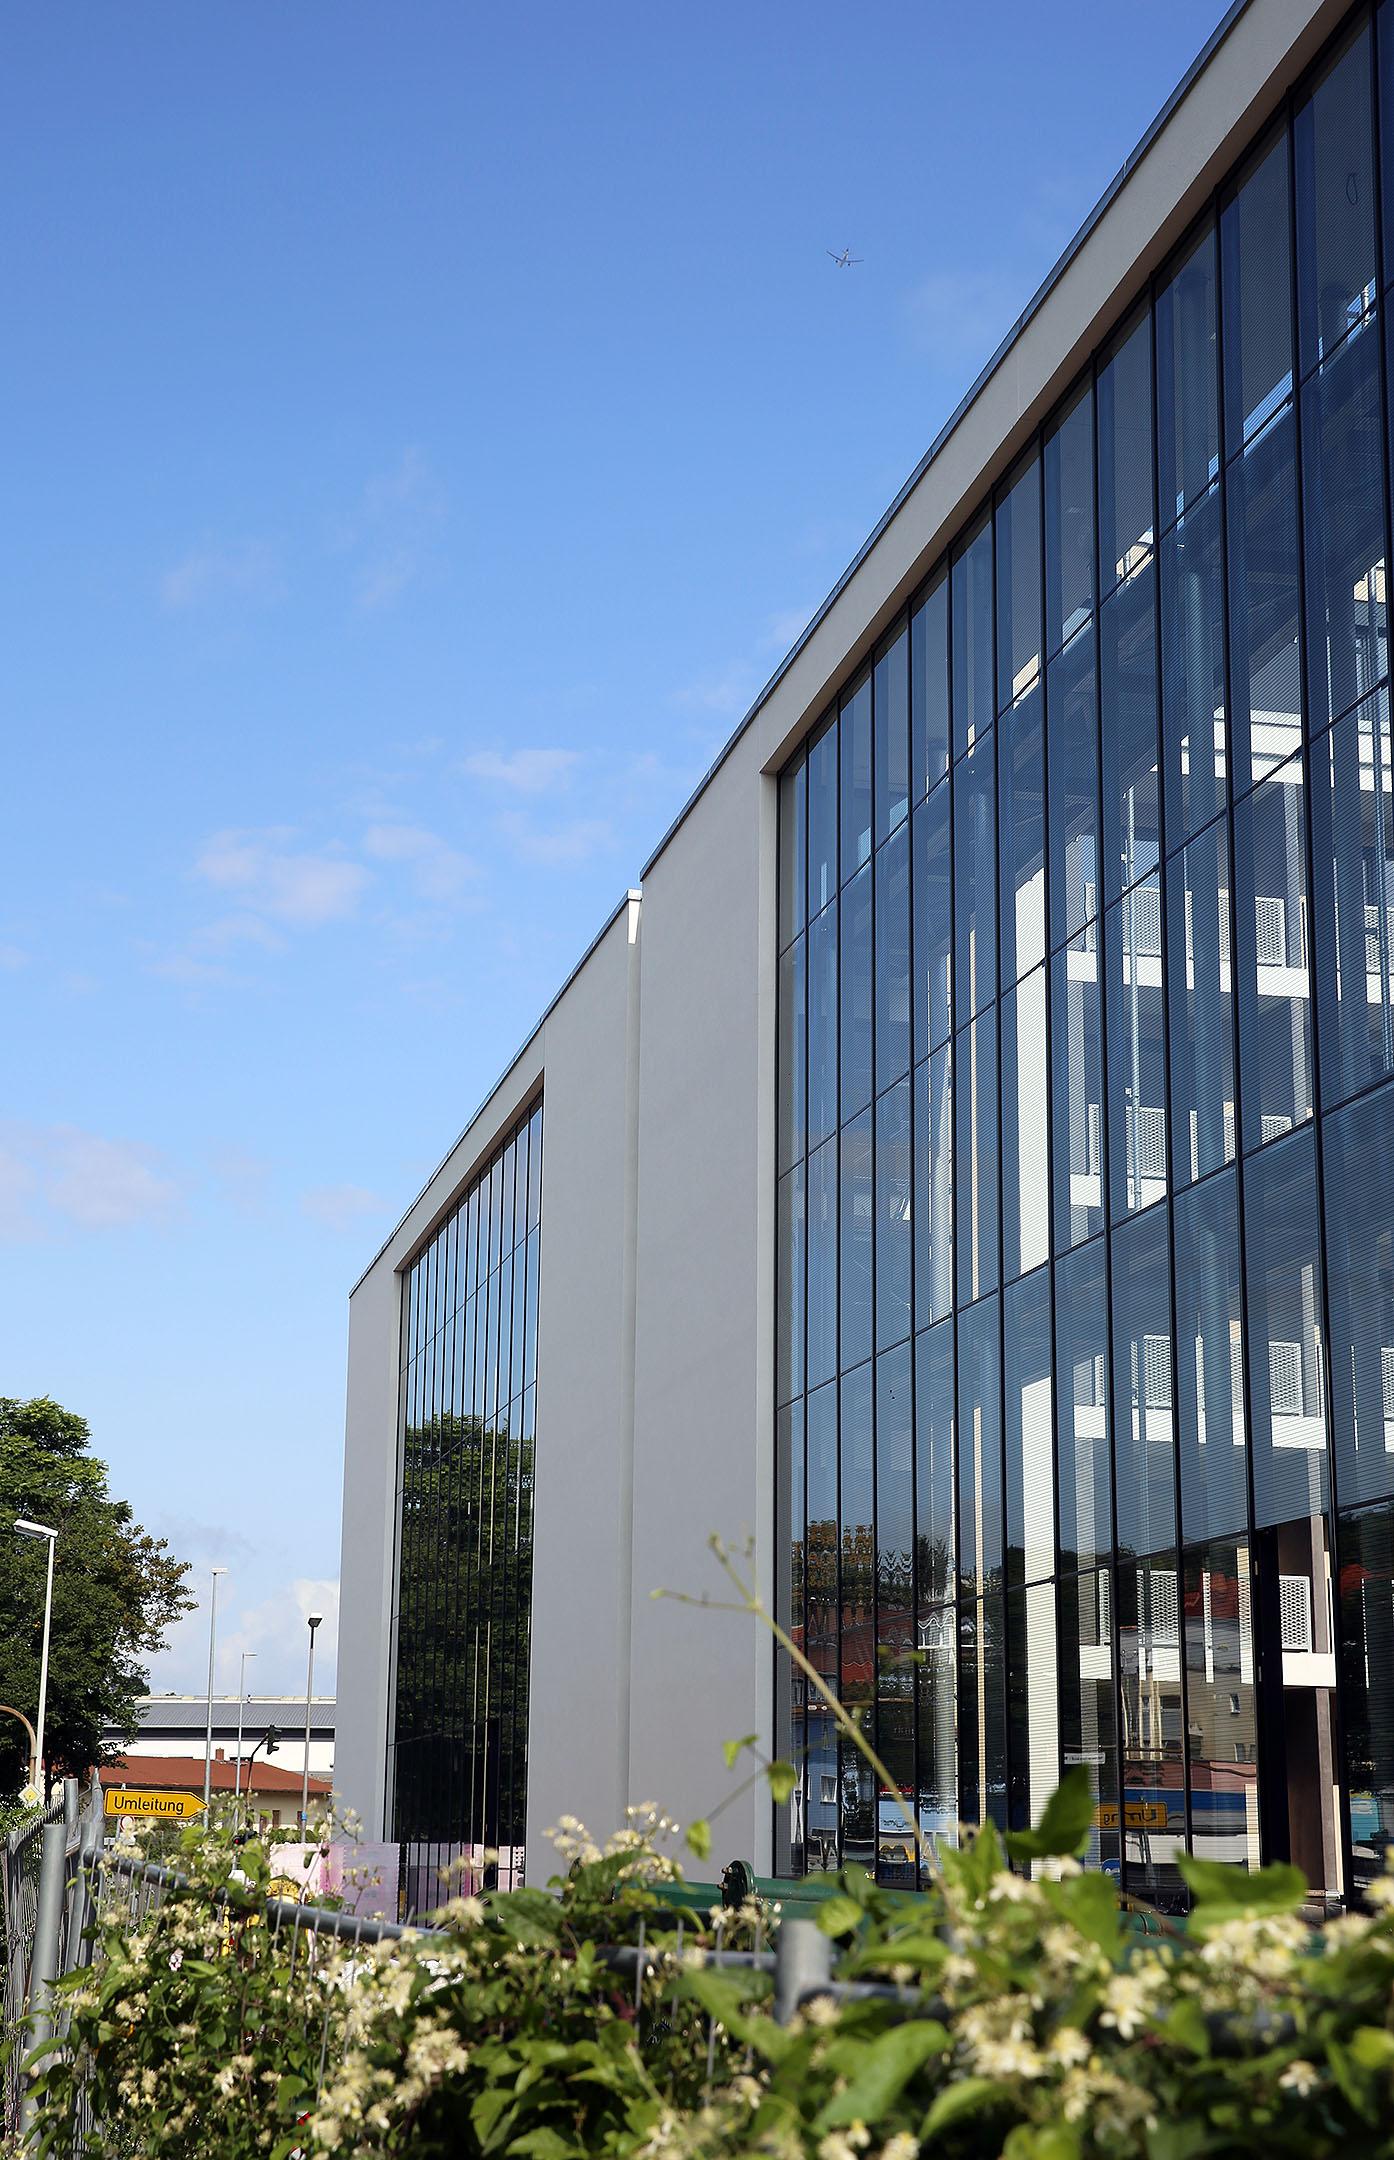 Glasfront Mainz Schallschutzfassade Stahl Glas hochkant-2160